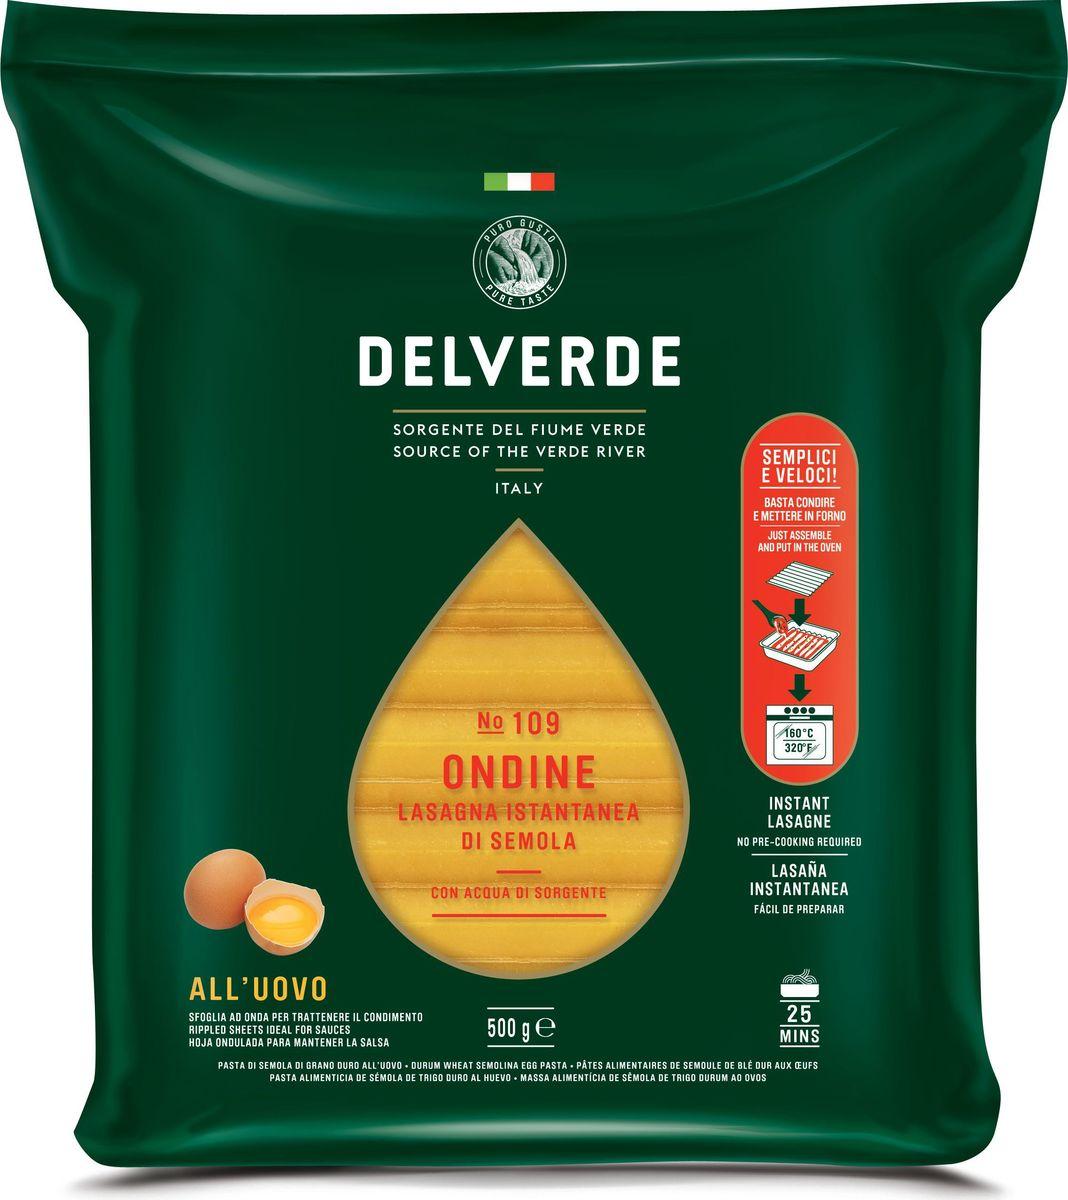 Delverde № 109 паста Ондине яичная, 250 г0120710Лазанья отлично сочетается с рагу по-неаполитански с сыром рикотта или ссоусом из дичи.Рекомендуемый способ приготовления, запекание в духовке,с различным составом начинки и соусом Бешамель. Этот способ настолькопризнан по всей Италии, что принял название формы этой пасты.Способприготовления: Продукт предварительно отварен, готов для приготовлениялазаньи. Перед запеканием поместить в горячую воду на несколько минут. Послечего поместите первый лист в форму и нанесите желаемую начинку. Вторуюпластину положите перпендикулярно первой, так чтобы волны пересеклись подуглом 90°. Продолжайте накладывать друг на друга пластины почти до полногозаполнения формы. В конце добавьте немного бульона или воды из-под пасты,чтобы добавить блюду влажности в процессе приготовления. Закройте формуфольгой и выпекайте в духовке в течение 25 минут при температуре 160°C. За 10минут до окончания выпекания удалите слой фольги, чтобы верхний слой сталзолотистым.